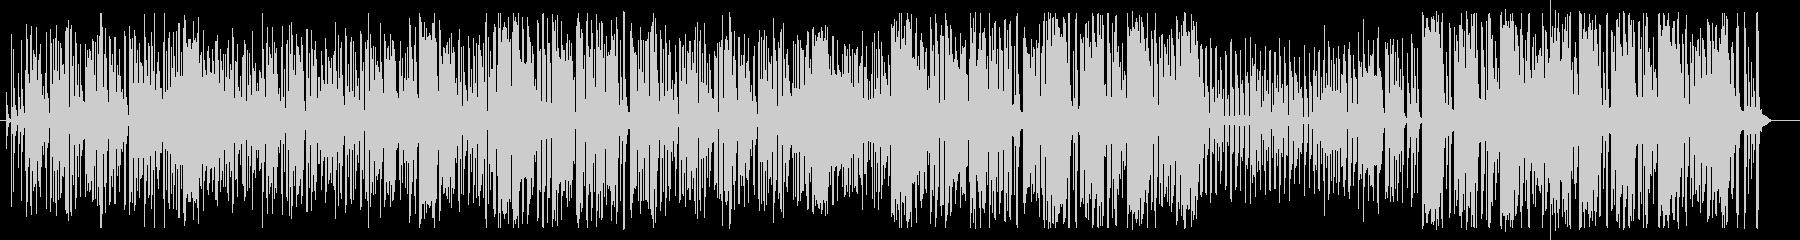 コミカルな木琴シンセ系サウンドの未再生の波形